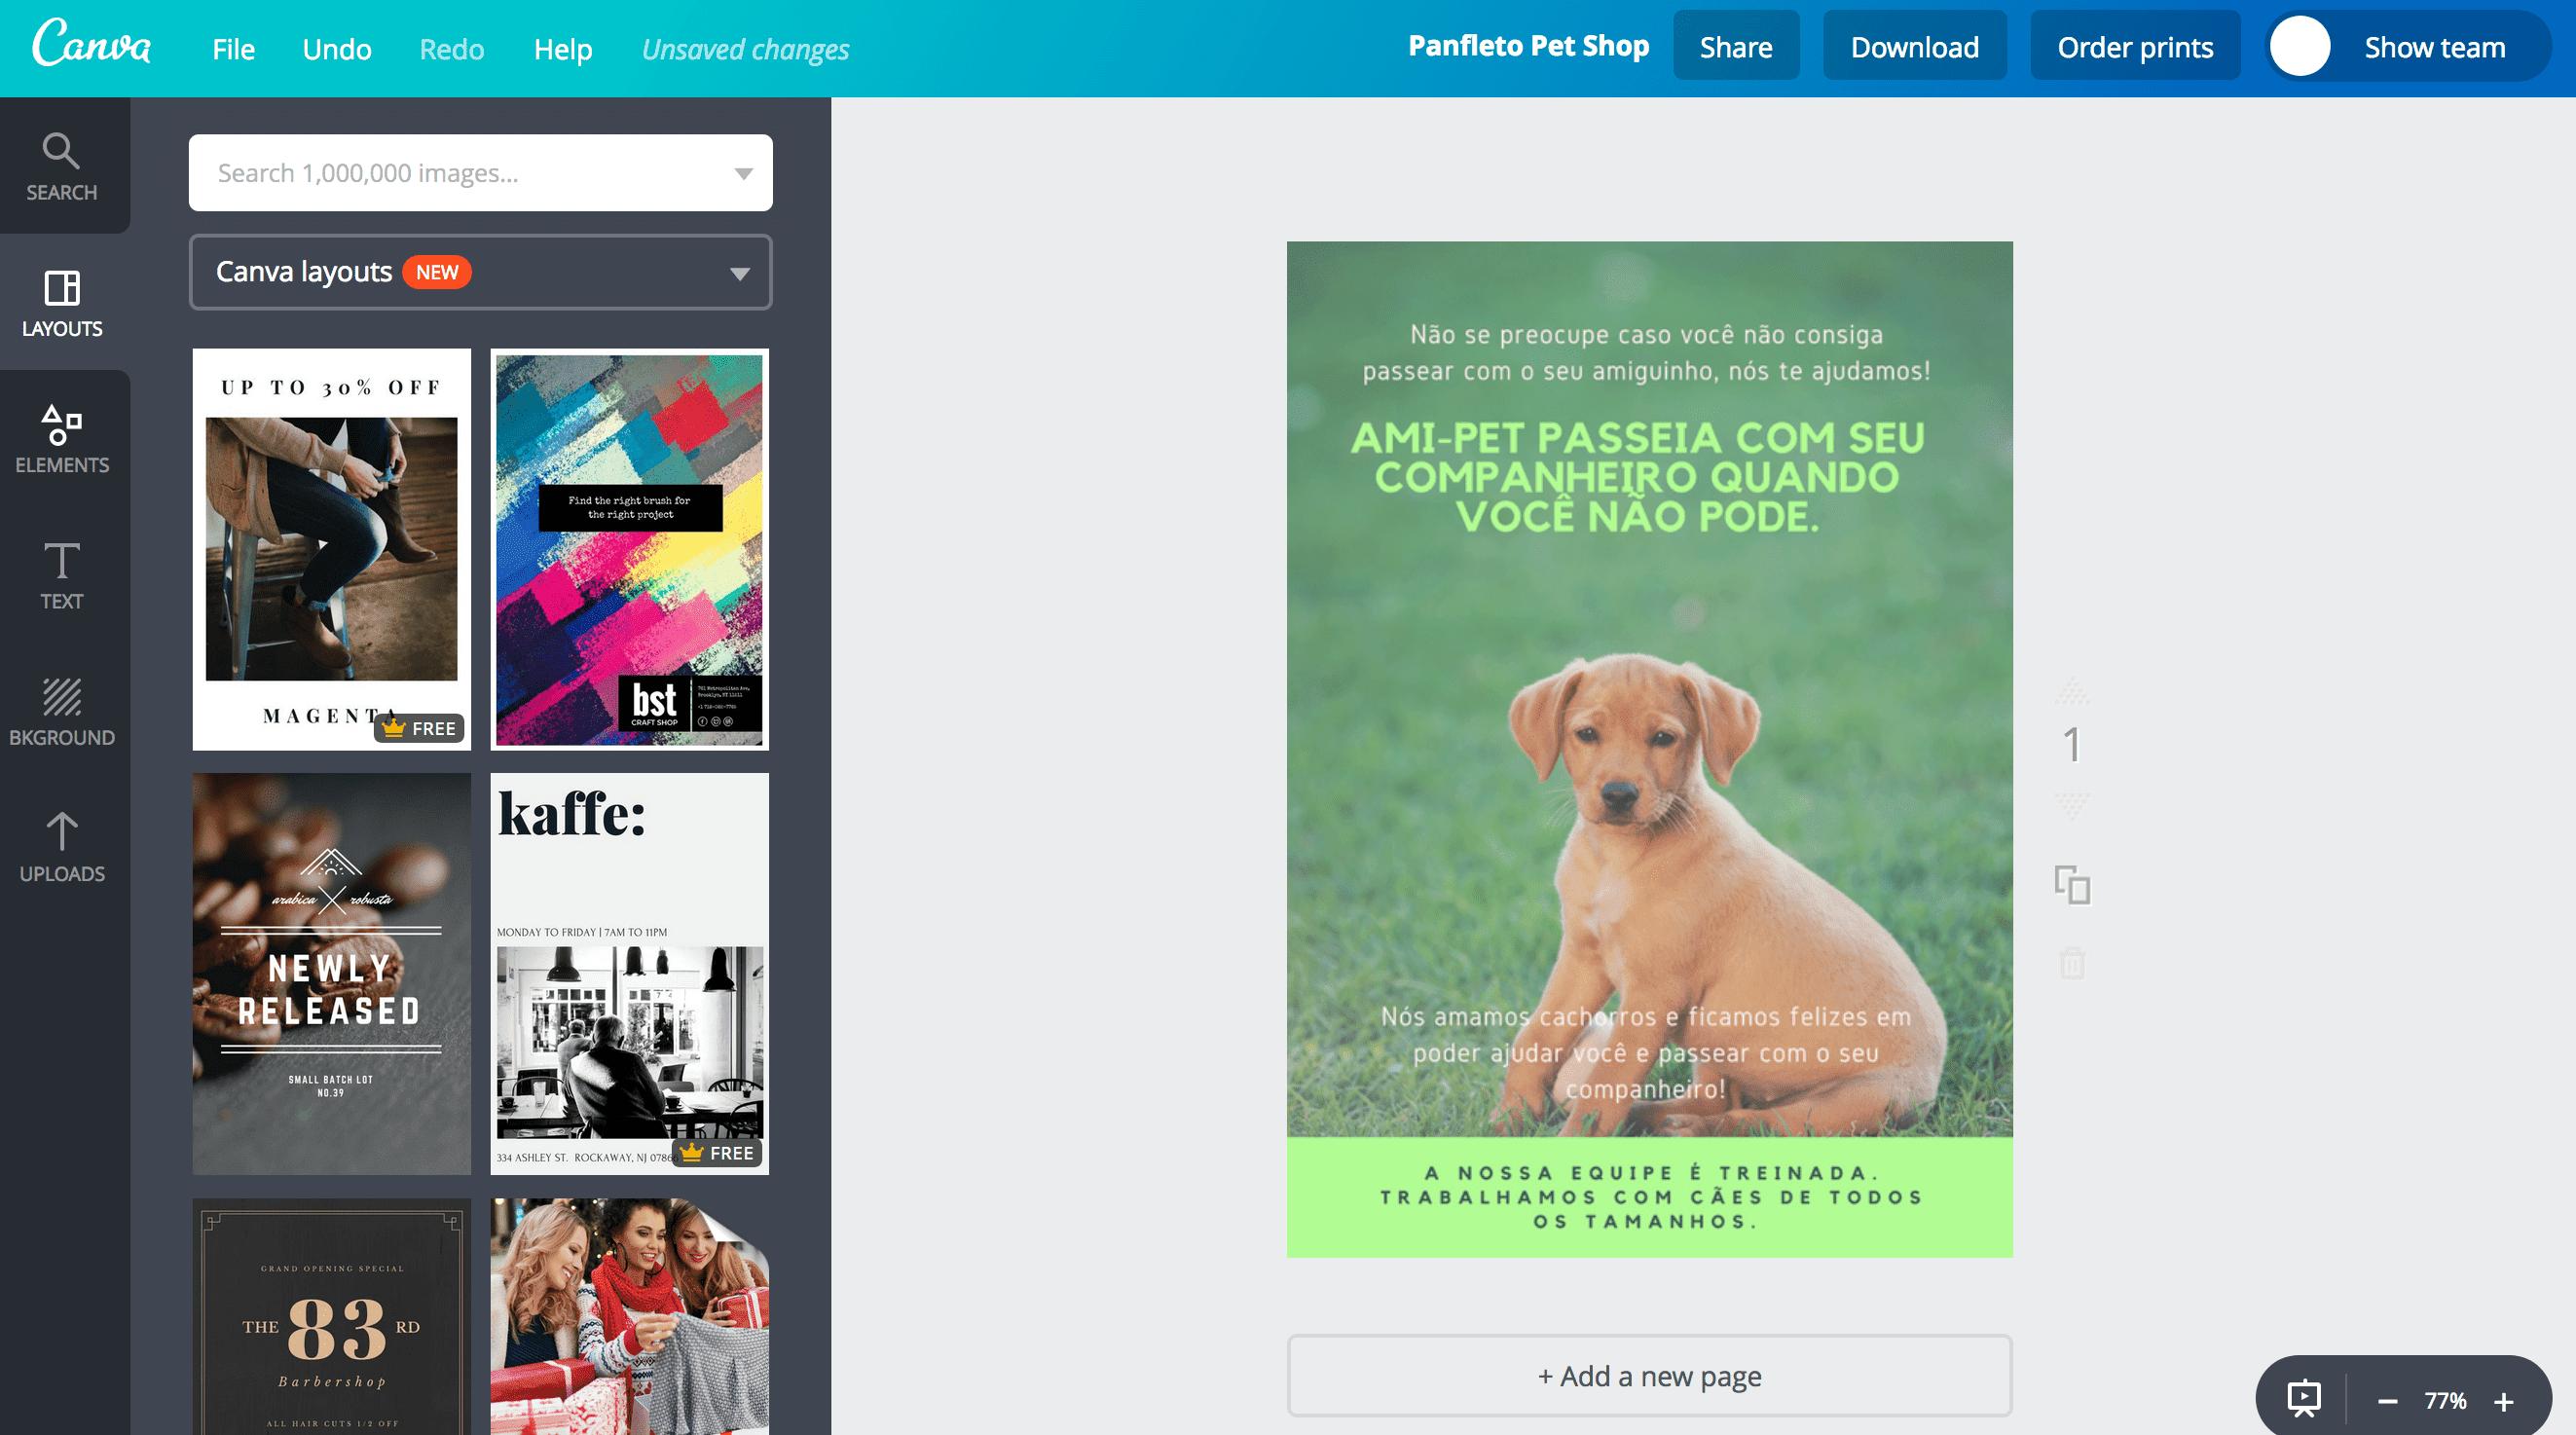 Panfleto de pet shop